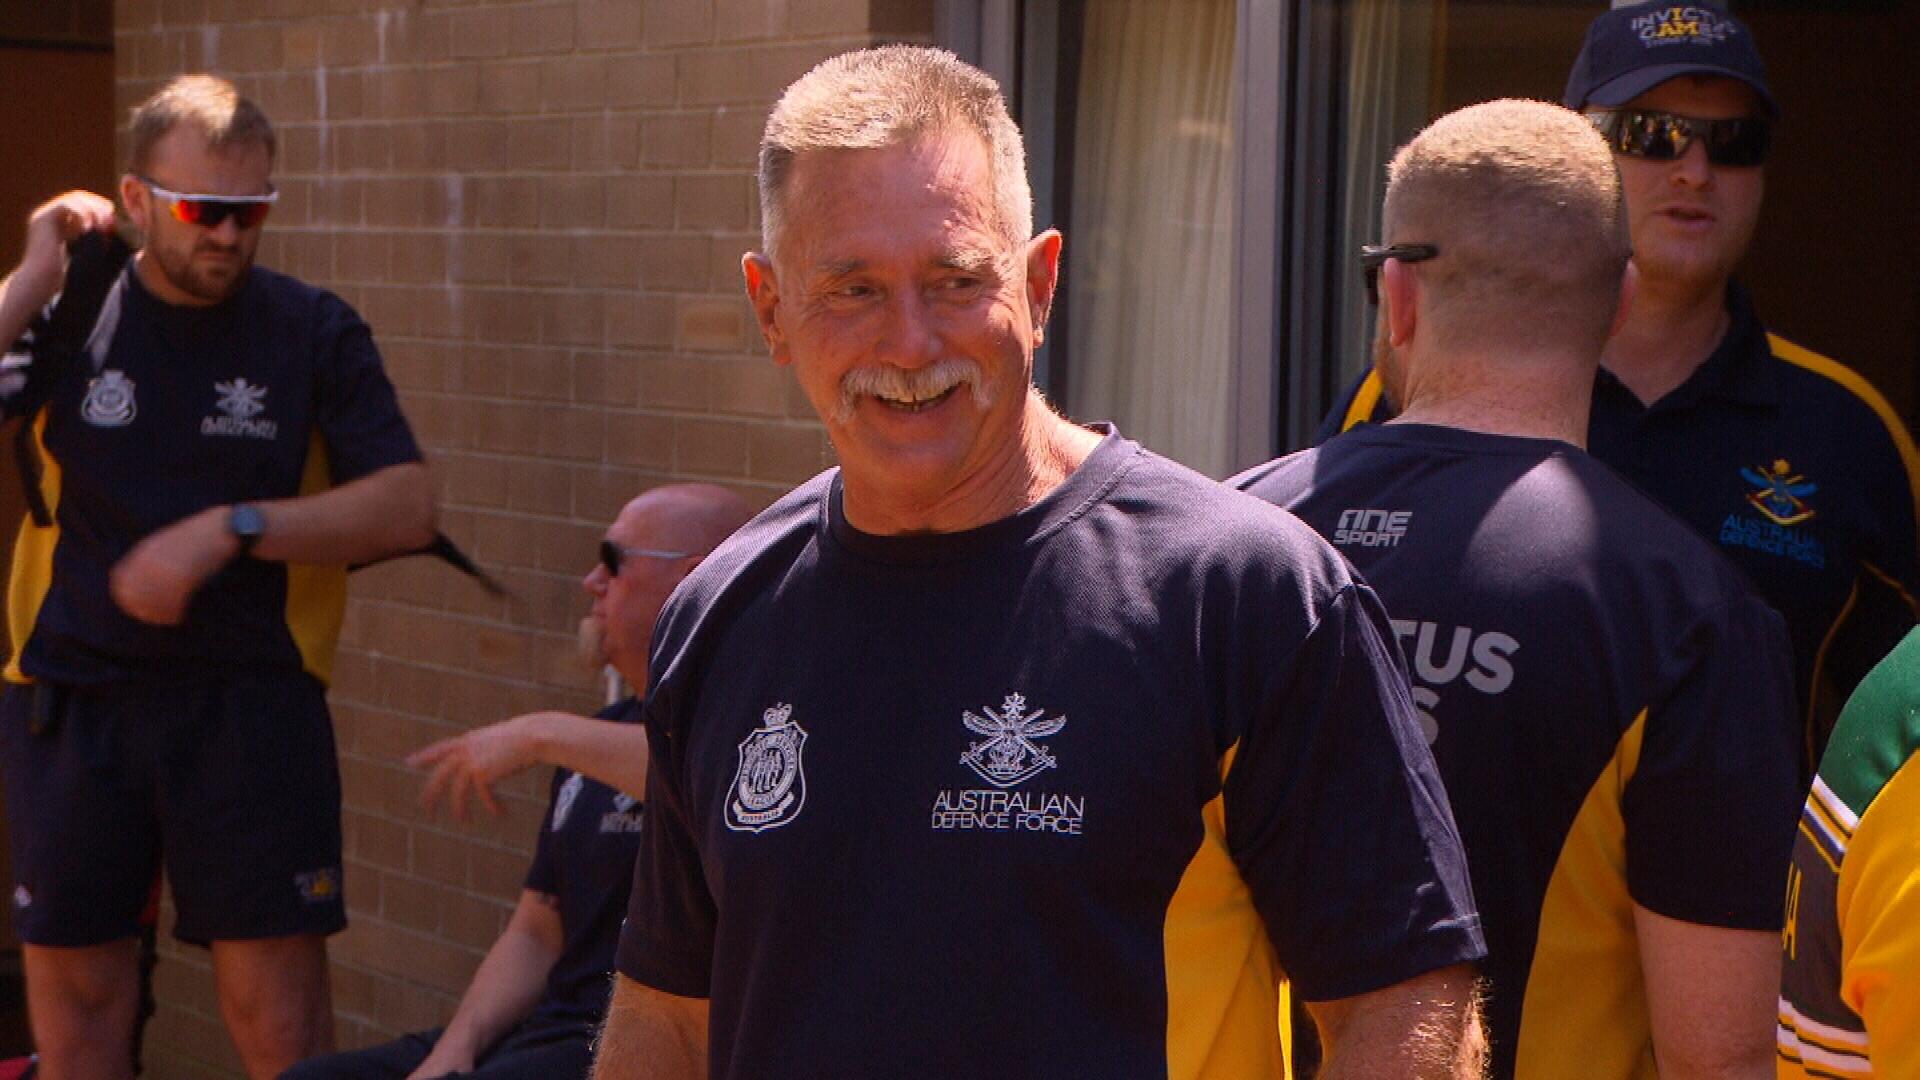 Australia's Invictus Games team assembles